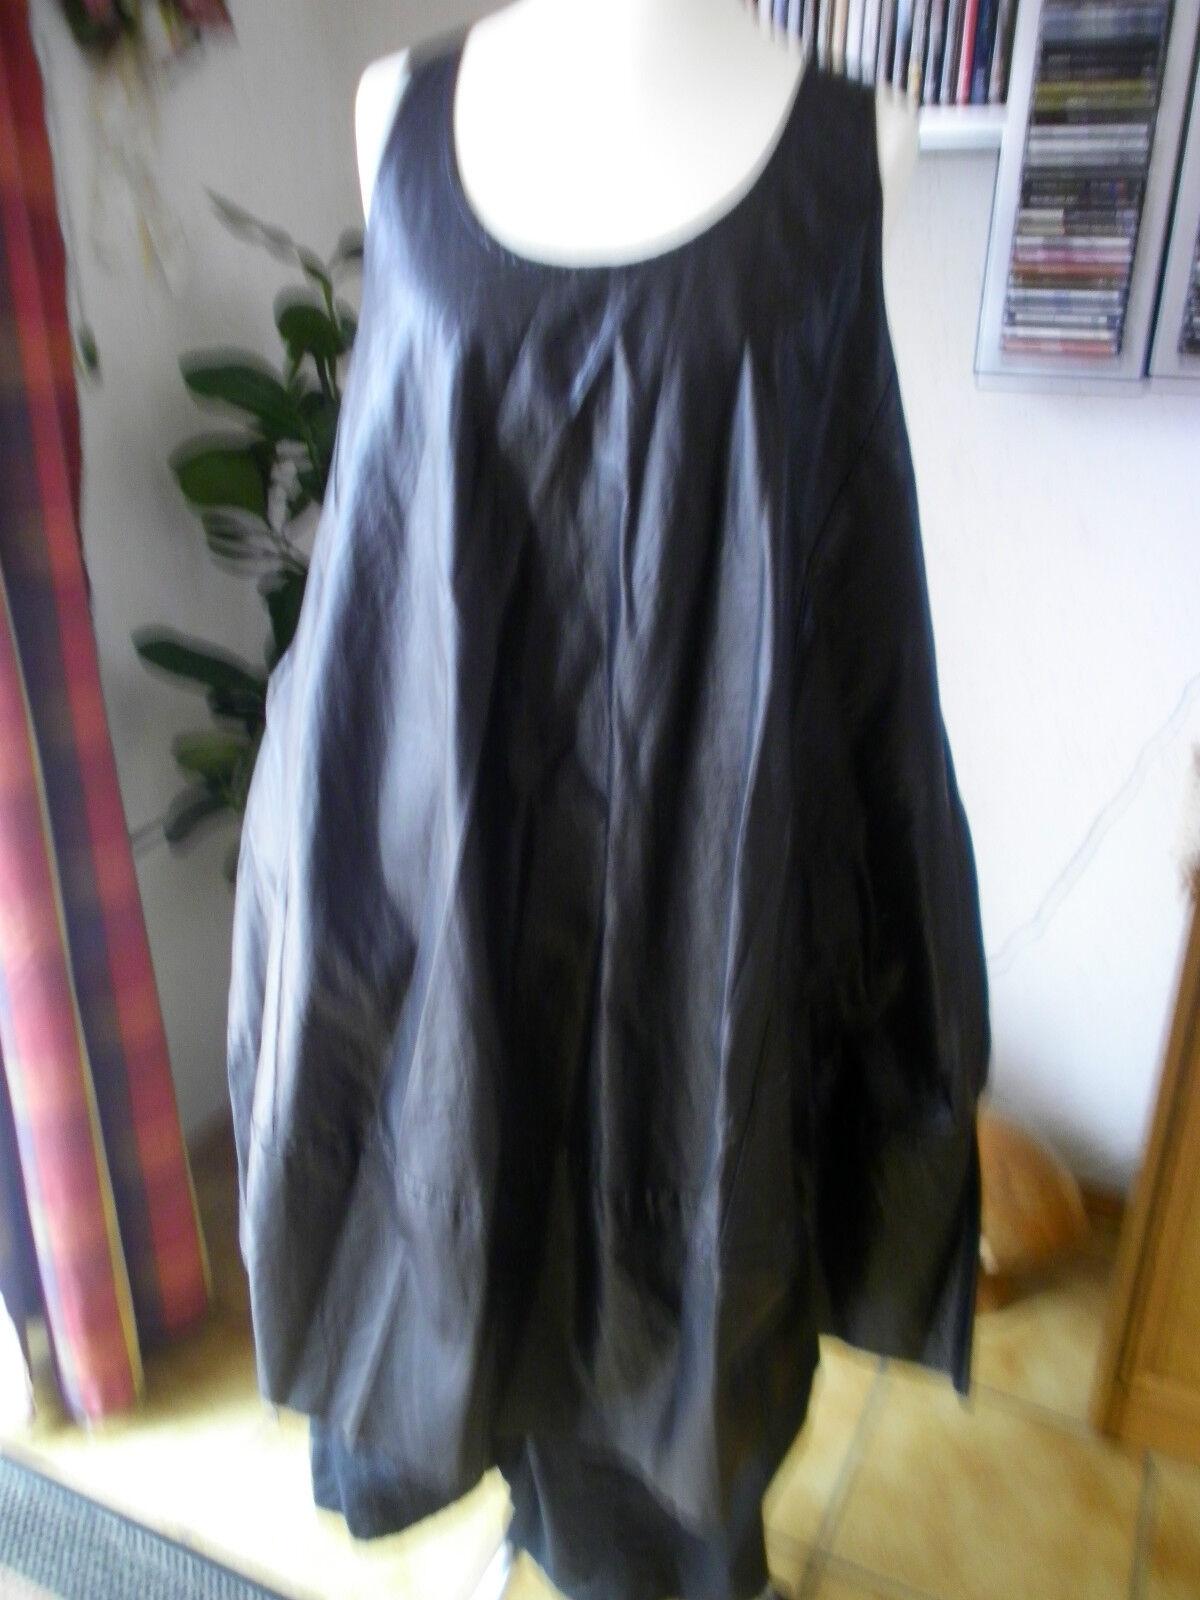 Rundholz schwarz Label Kleid Tunika A-Linie Lederimitat Gr.OS Lagenlook Traumteil